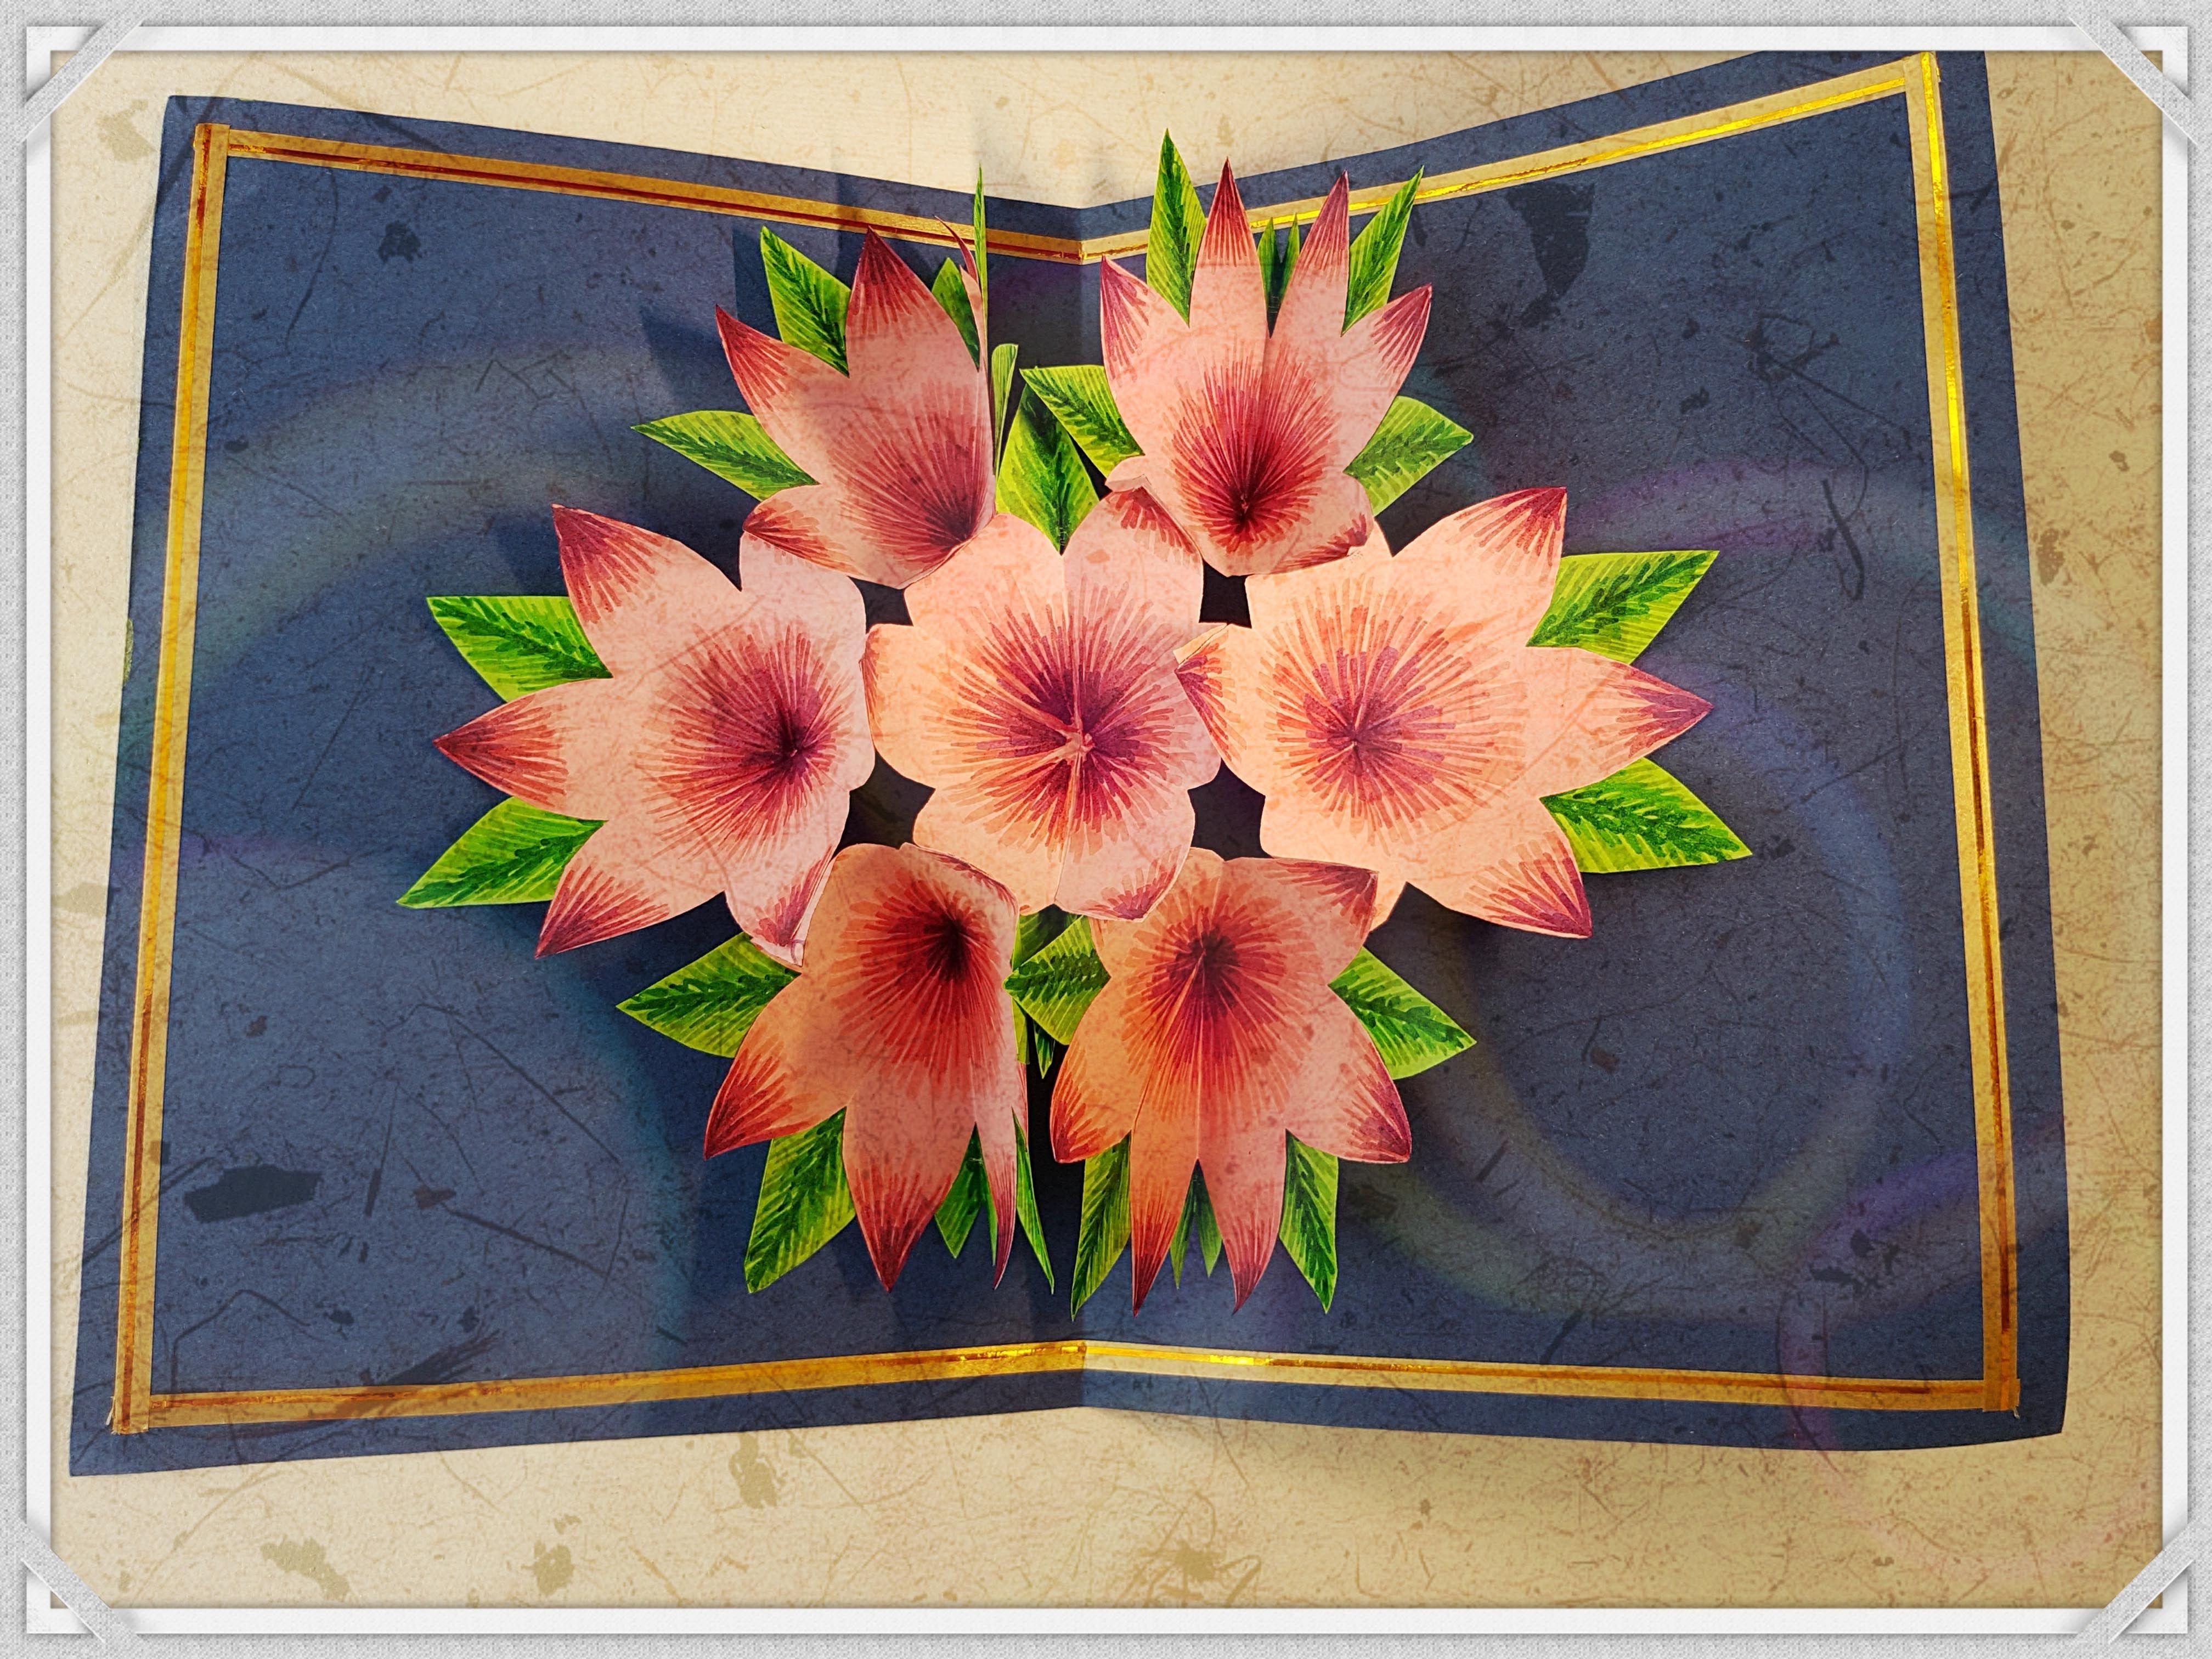 Как сделать 3 д открытку с цветами цветы из бумаги, день рождения